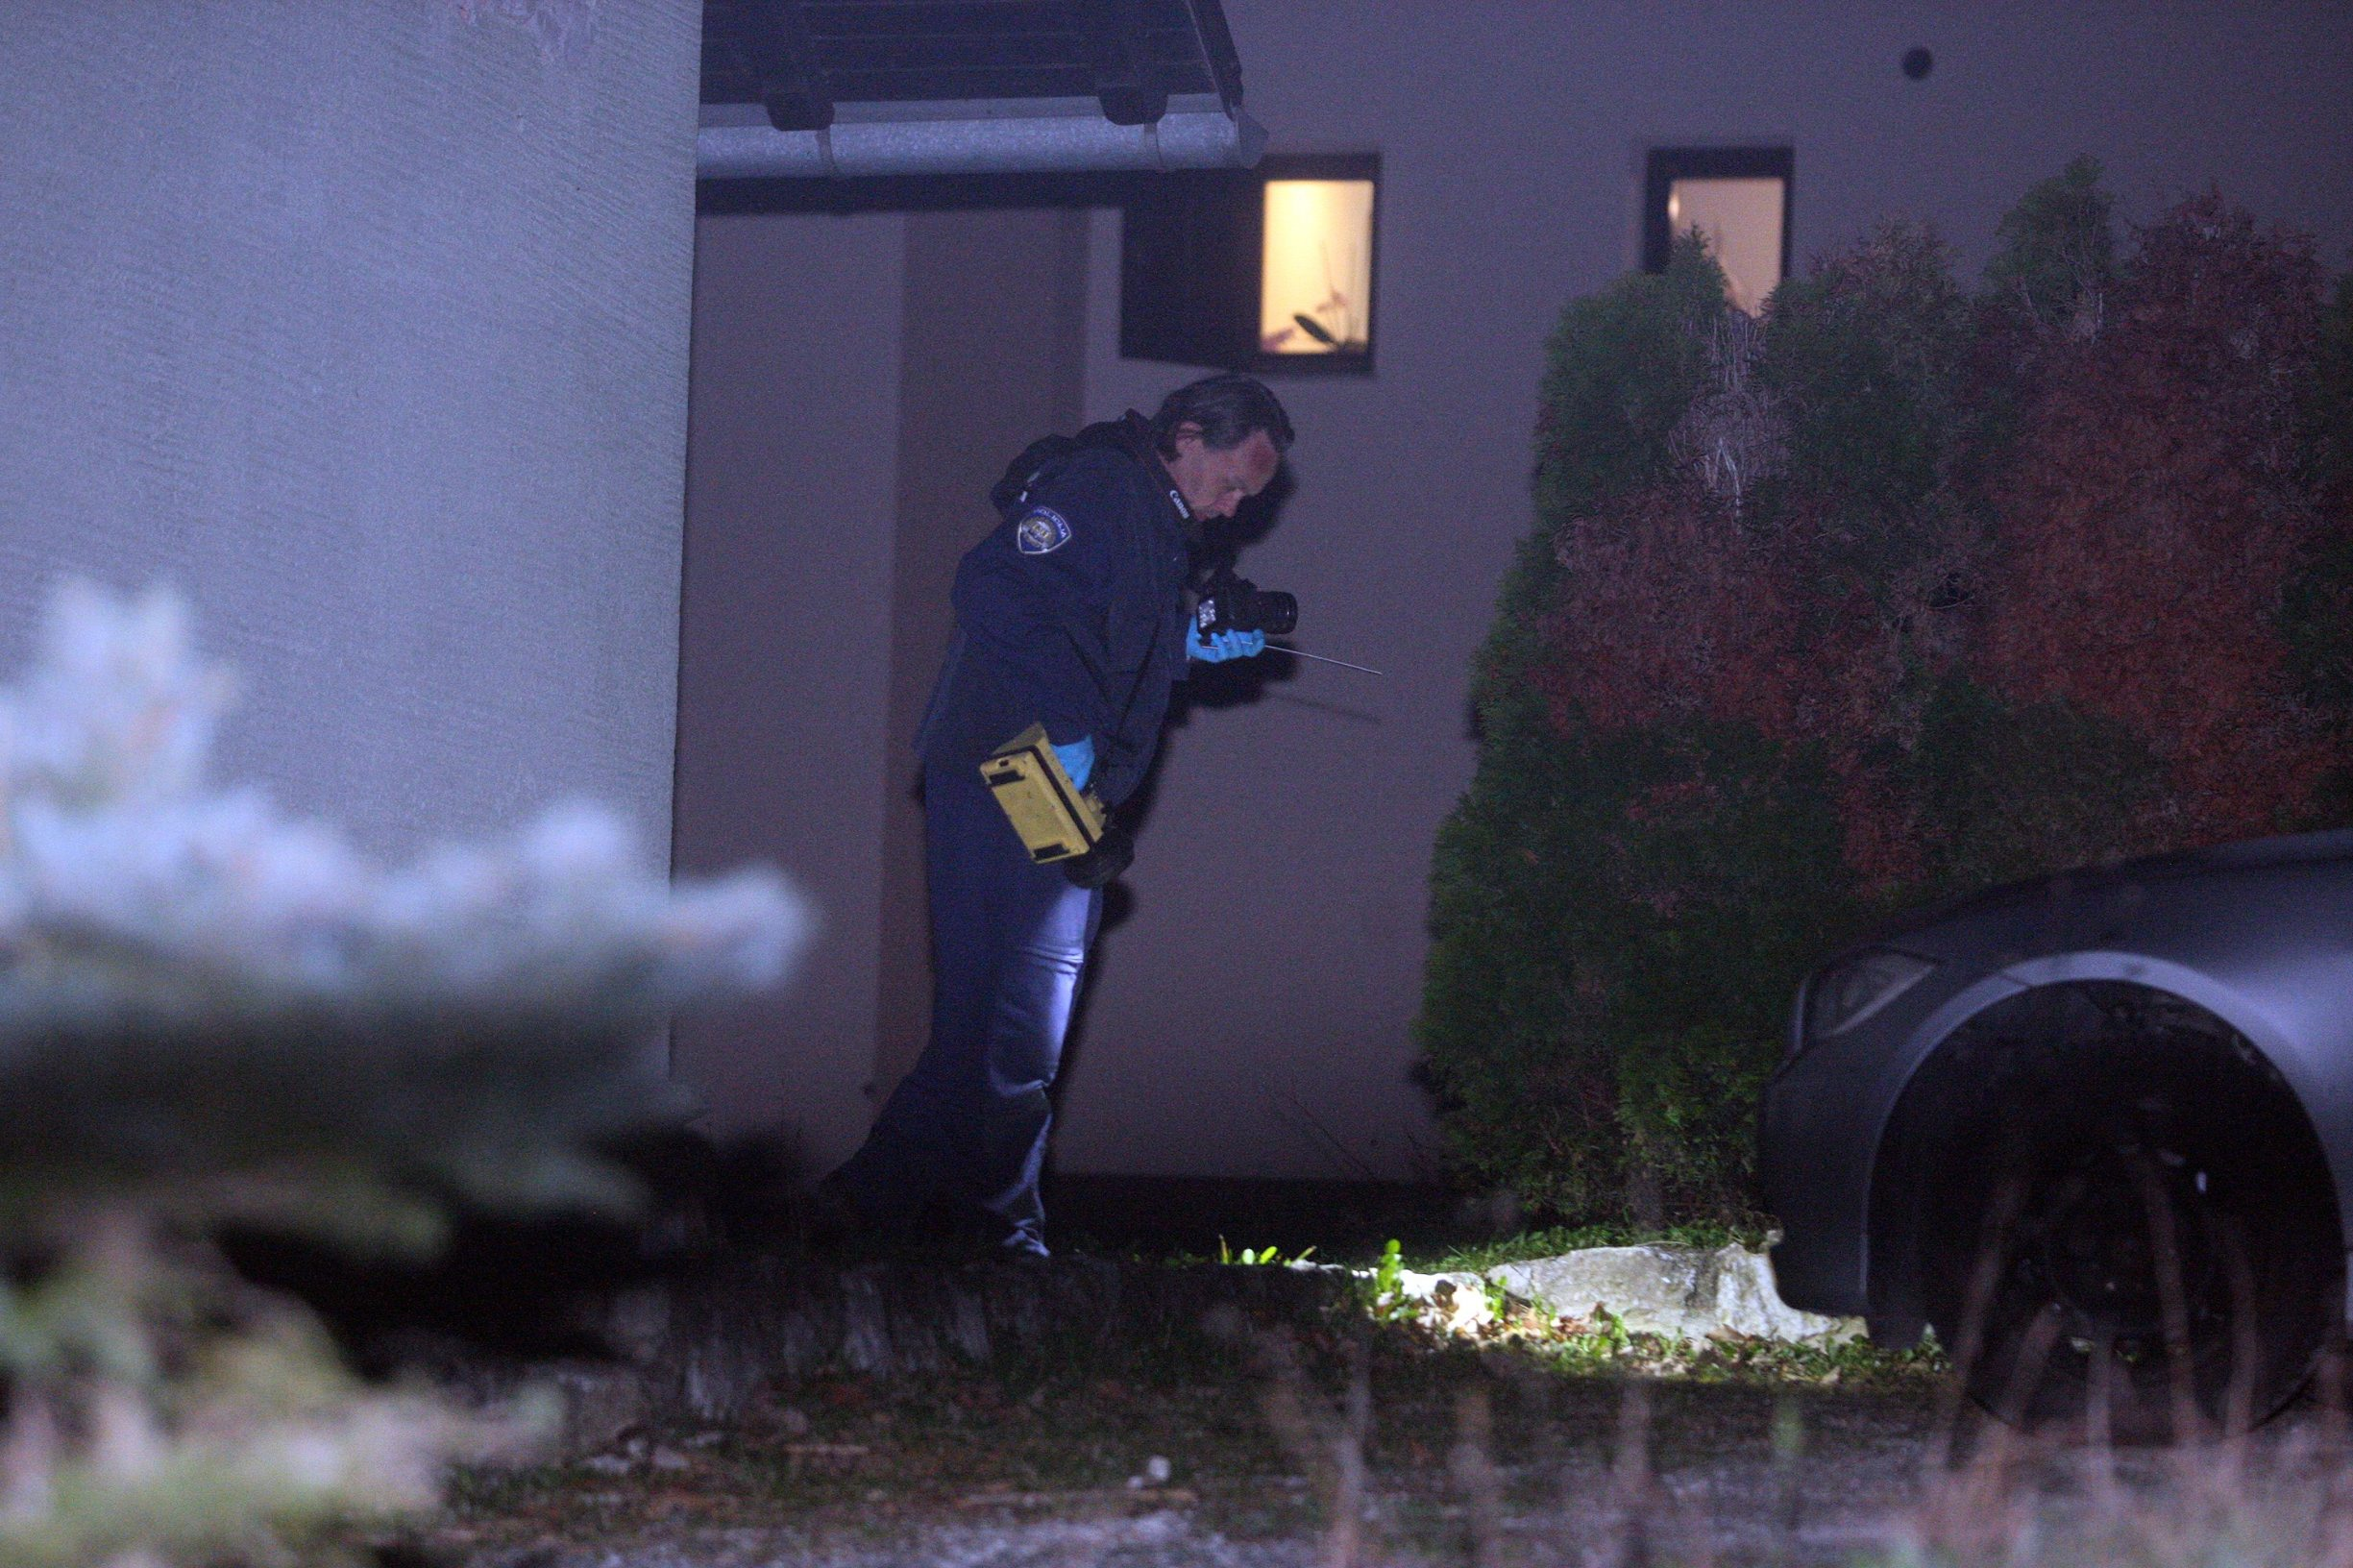 Varazdin, 160319. U mjestu Toplicica 56-godisnji muskarac pokusao je ubiti 53-godisnjaka i 30-godisnjeg muskarca. Foto: Zeljko Hajdinjak / CROPIX